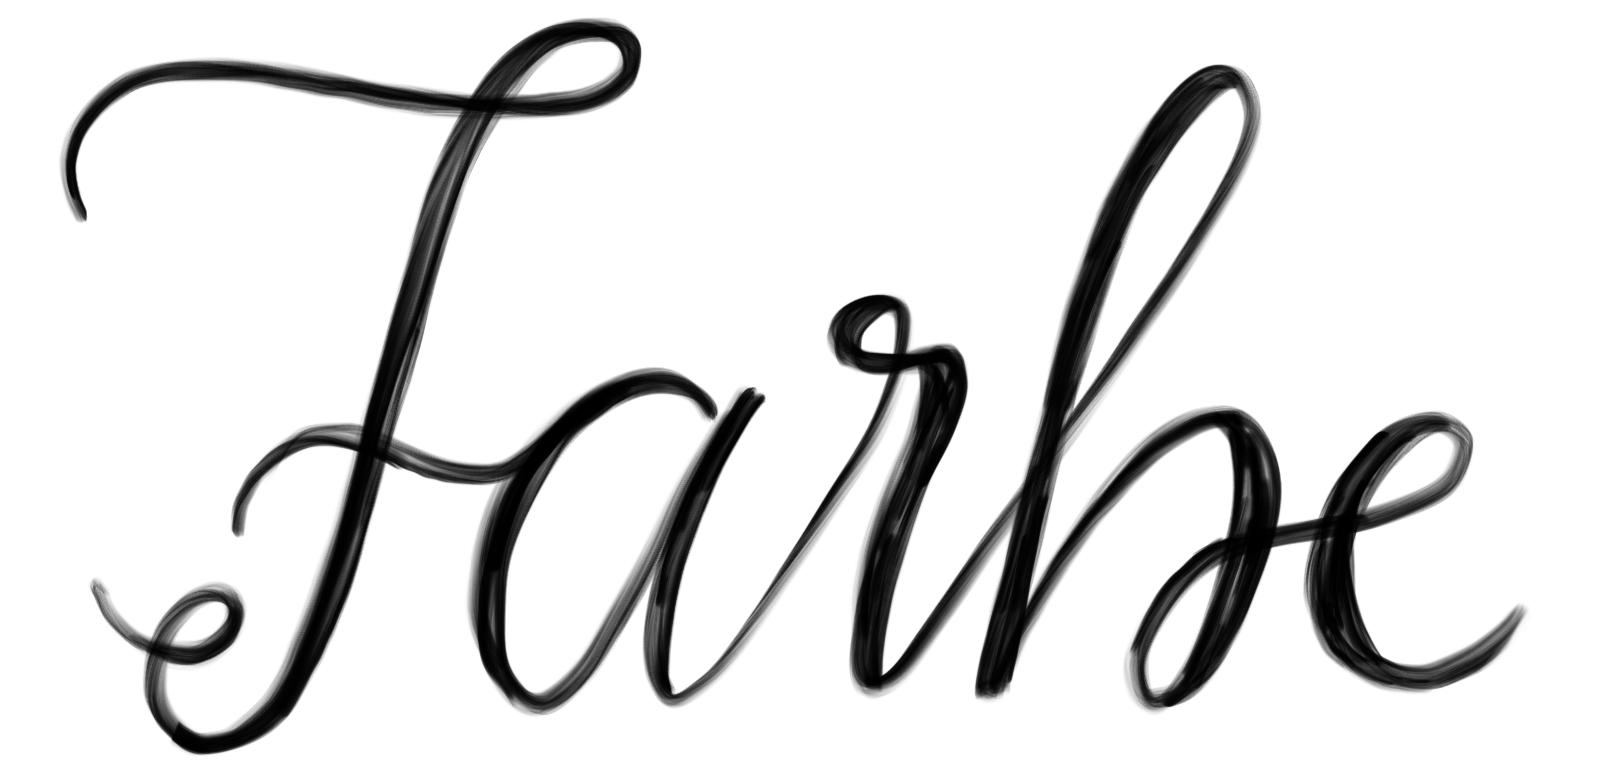 Kunst mit Buchstaben Teil 2